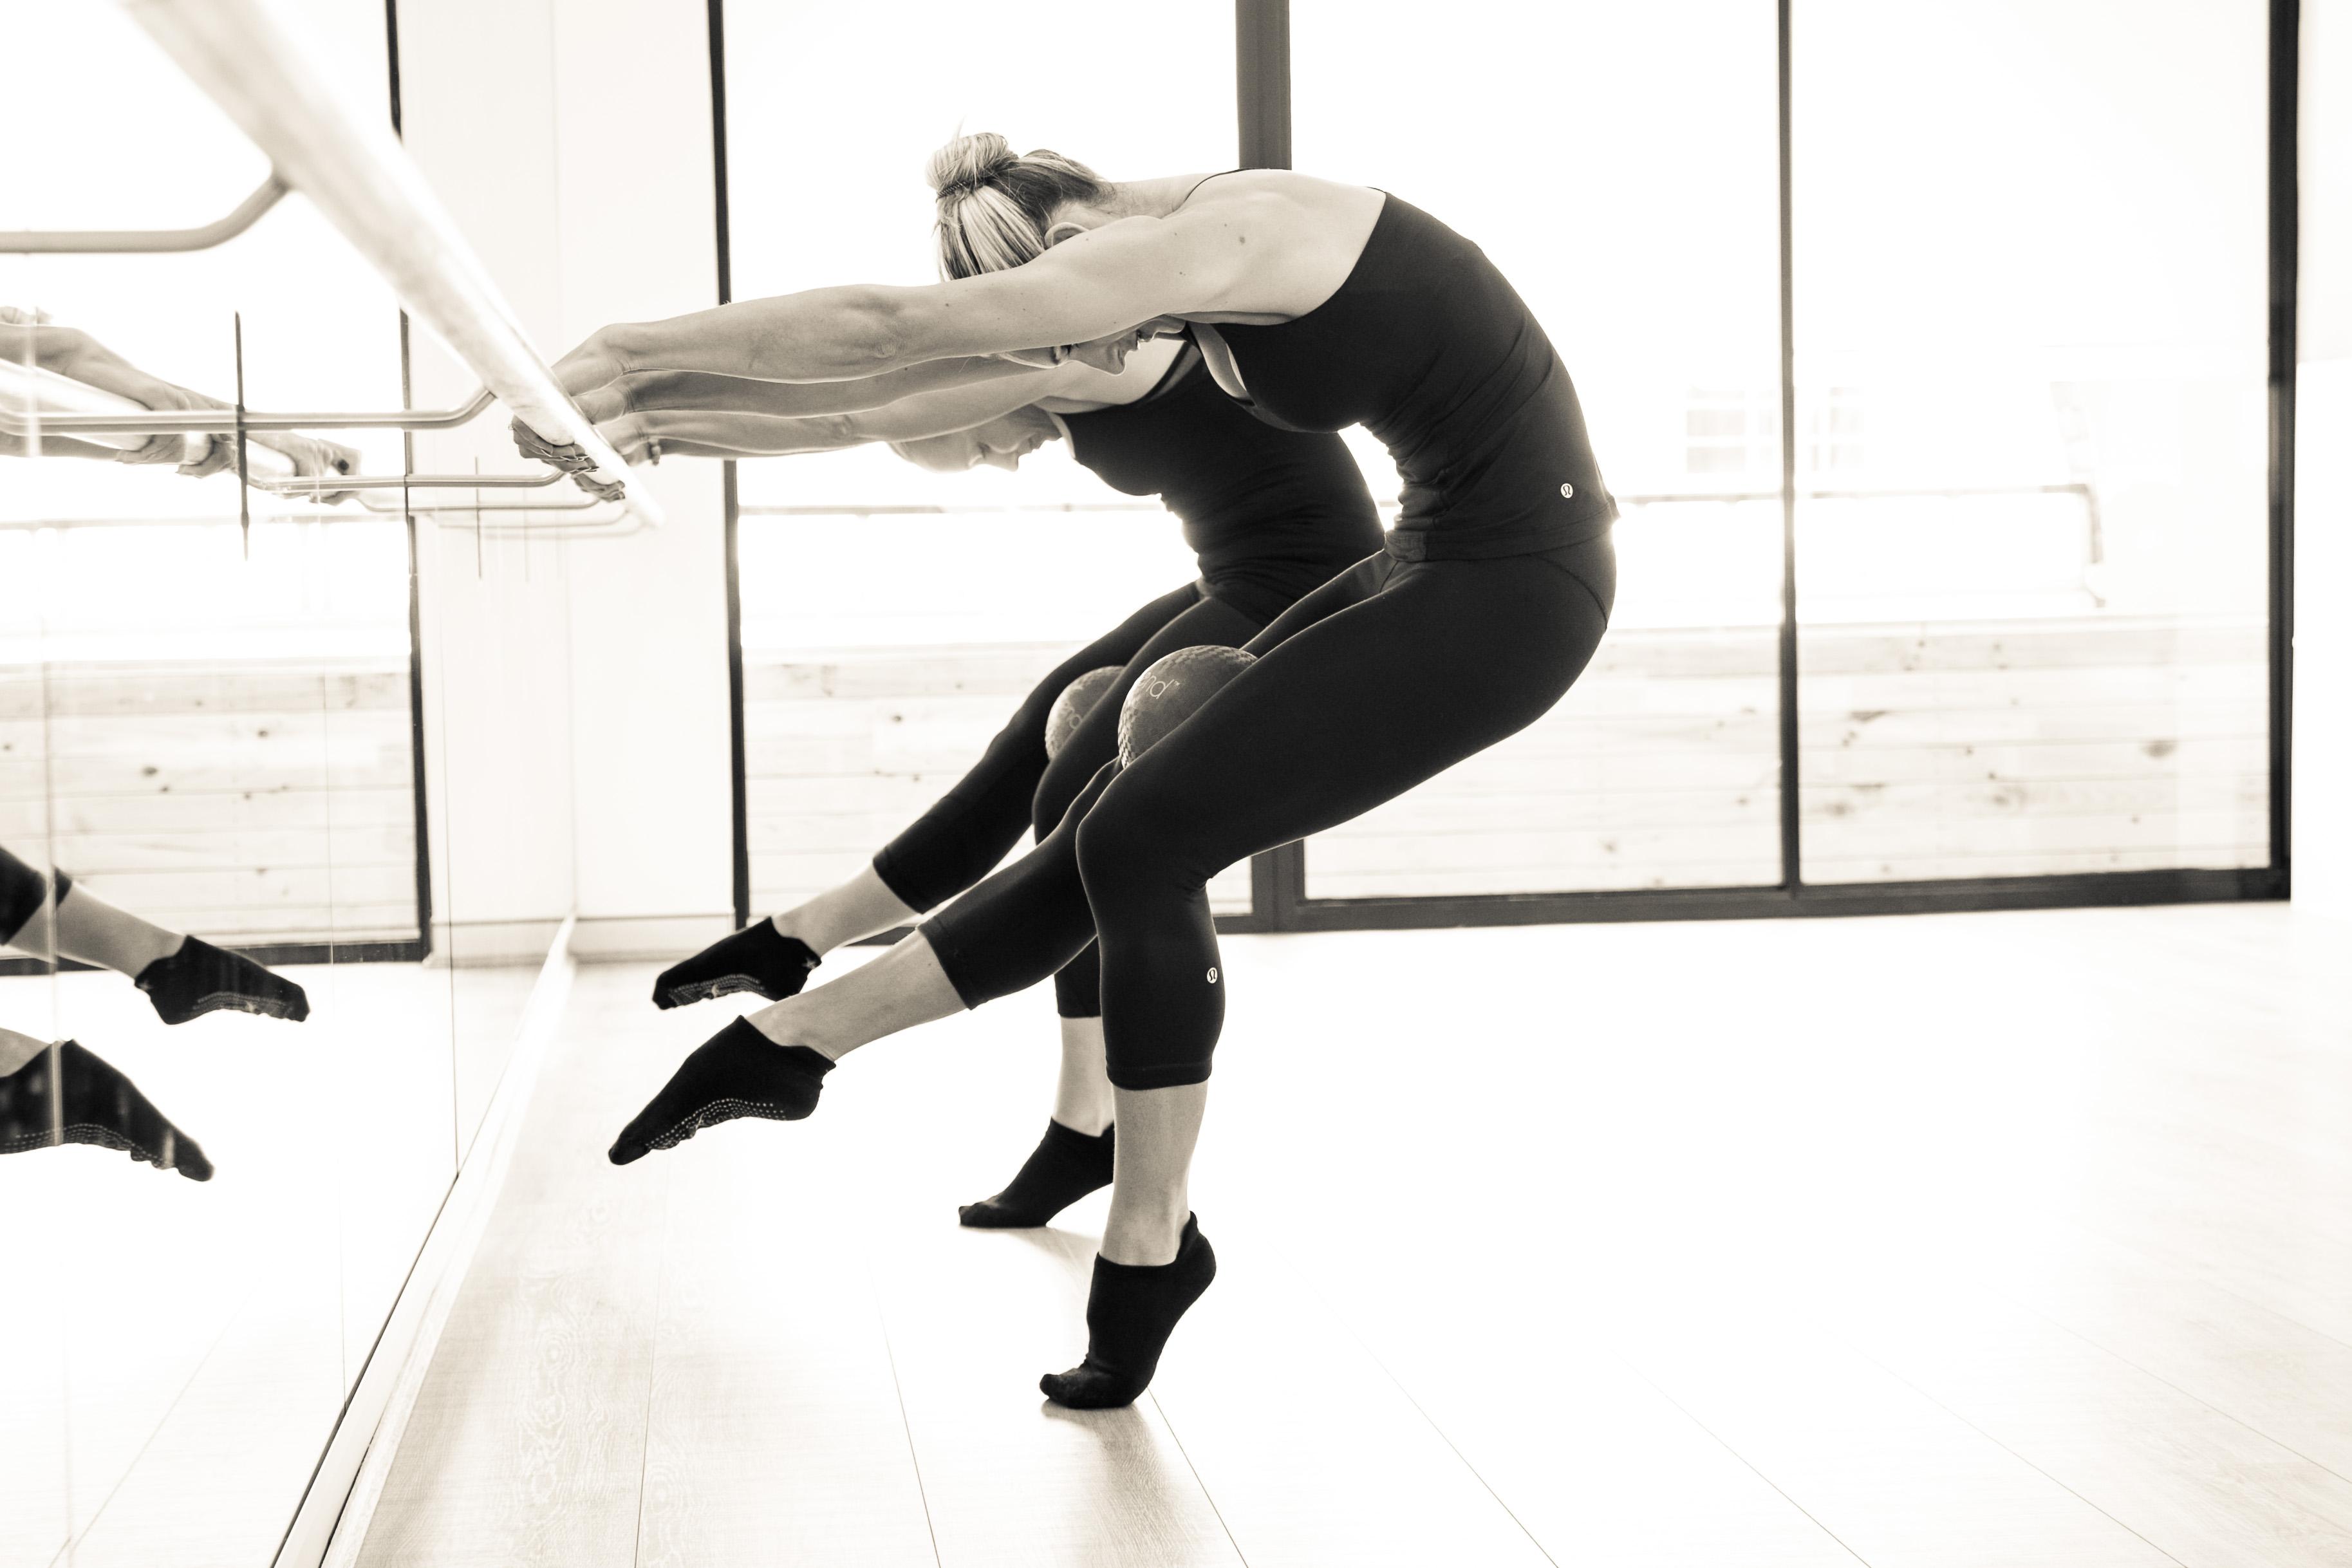 Cum să fii din nou în formă, după naştere? - Barre Fitness Academy - Blog